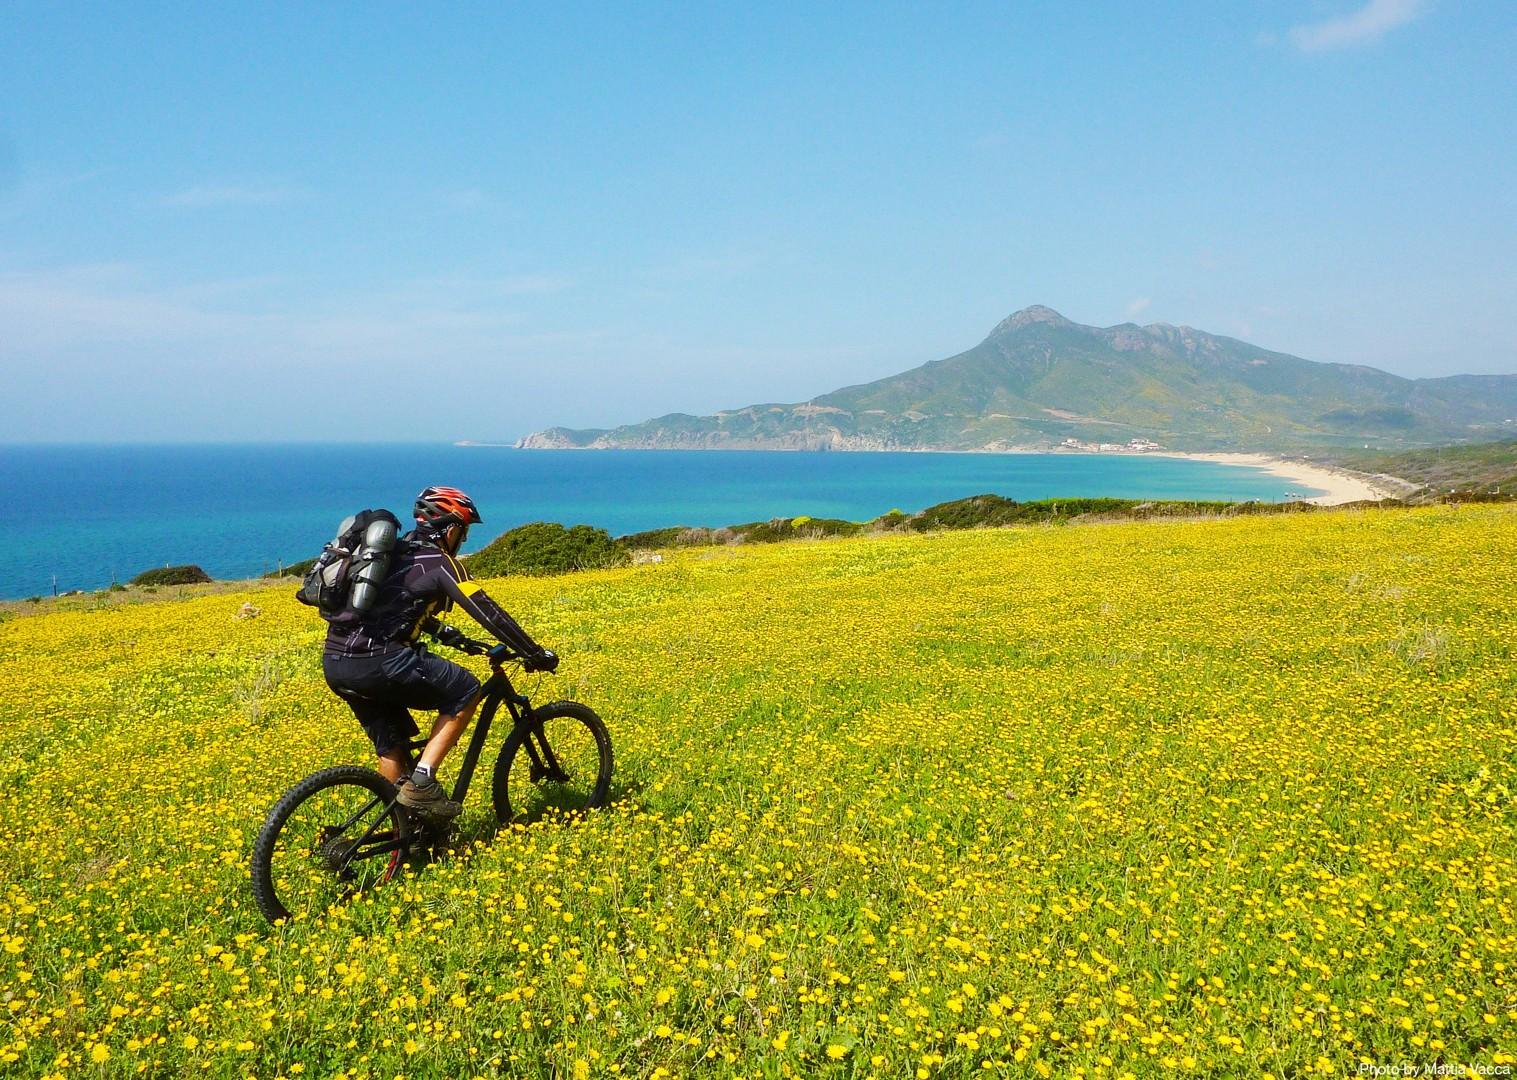 domusnovas-italy-sardinia-sardinian-enduro-guided-mountain-bike-holiday.jpg - Sardinia - Sardinian Enduro - Guided Mountain Bike Holiday - Italia Mountain Biking